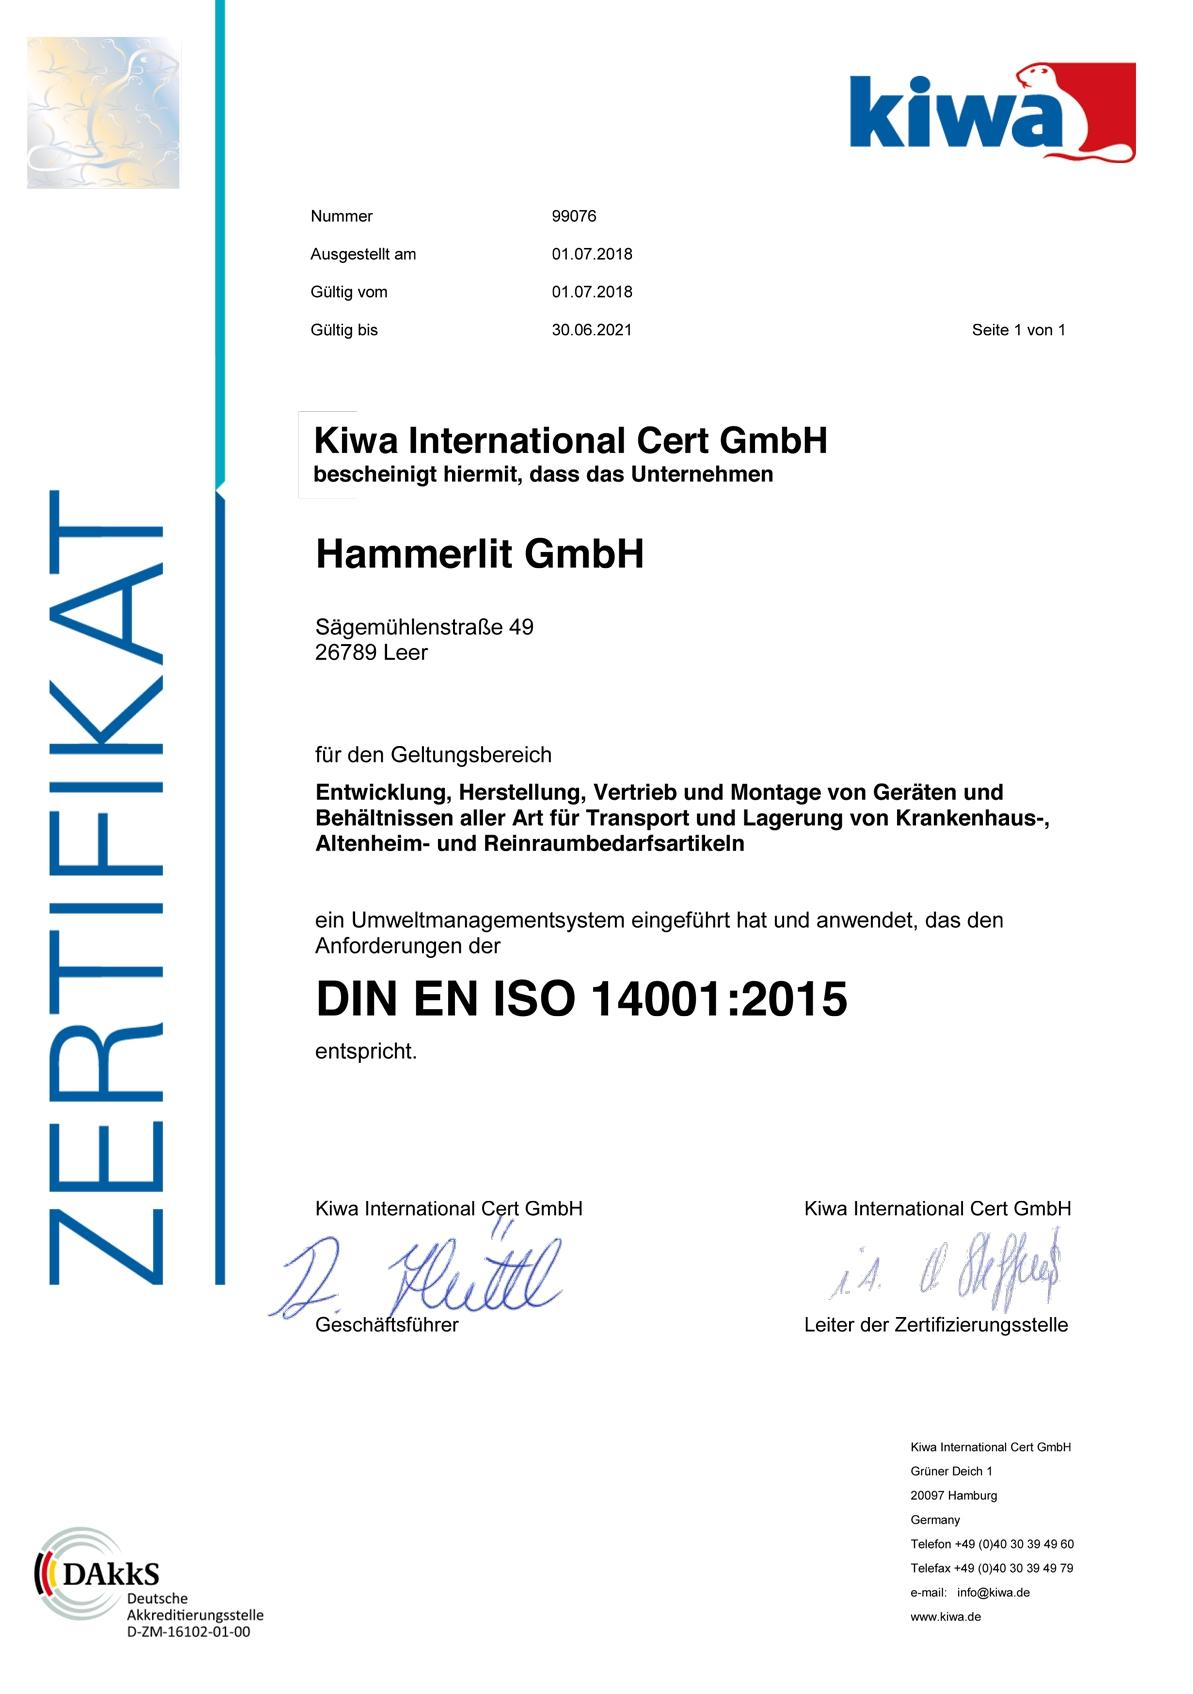 Zertifikat DIN EN ISO 14001